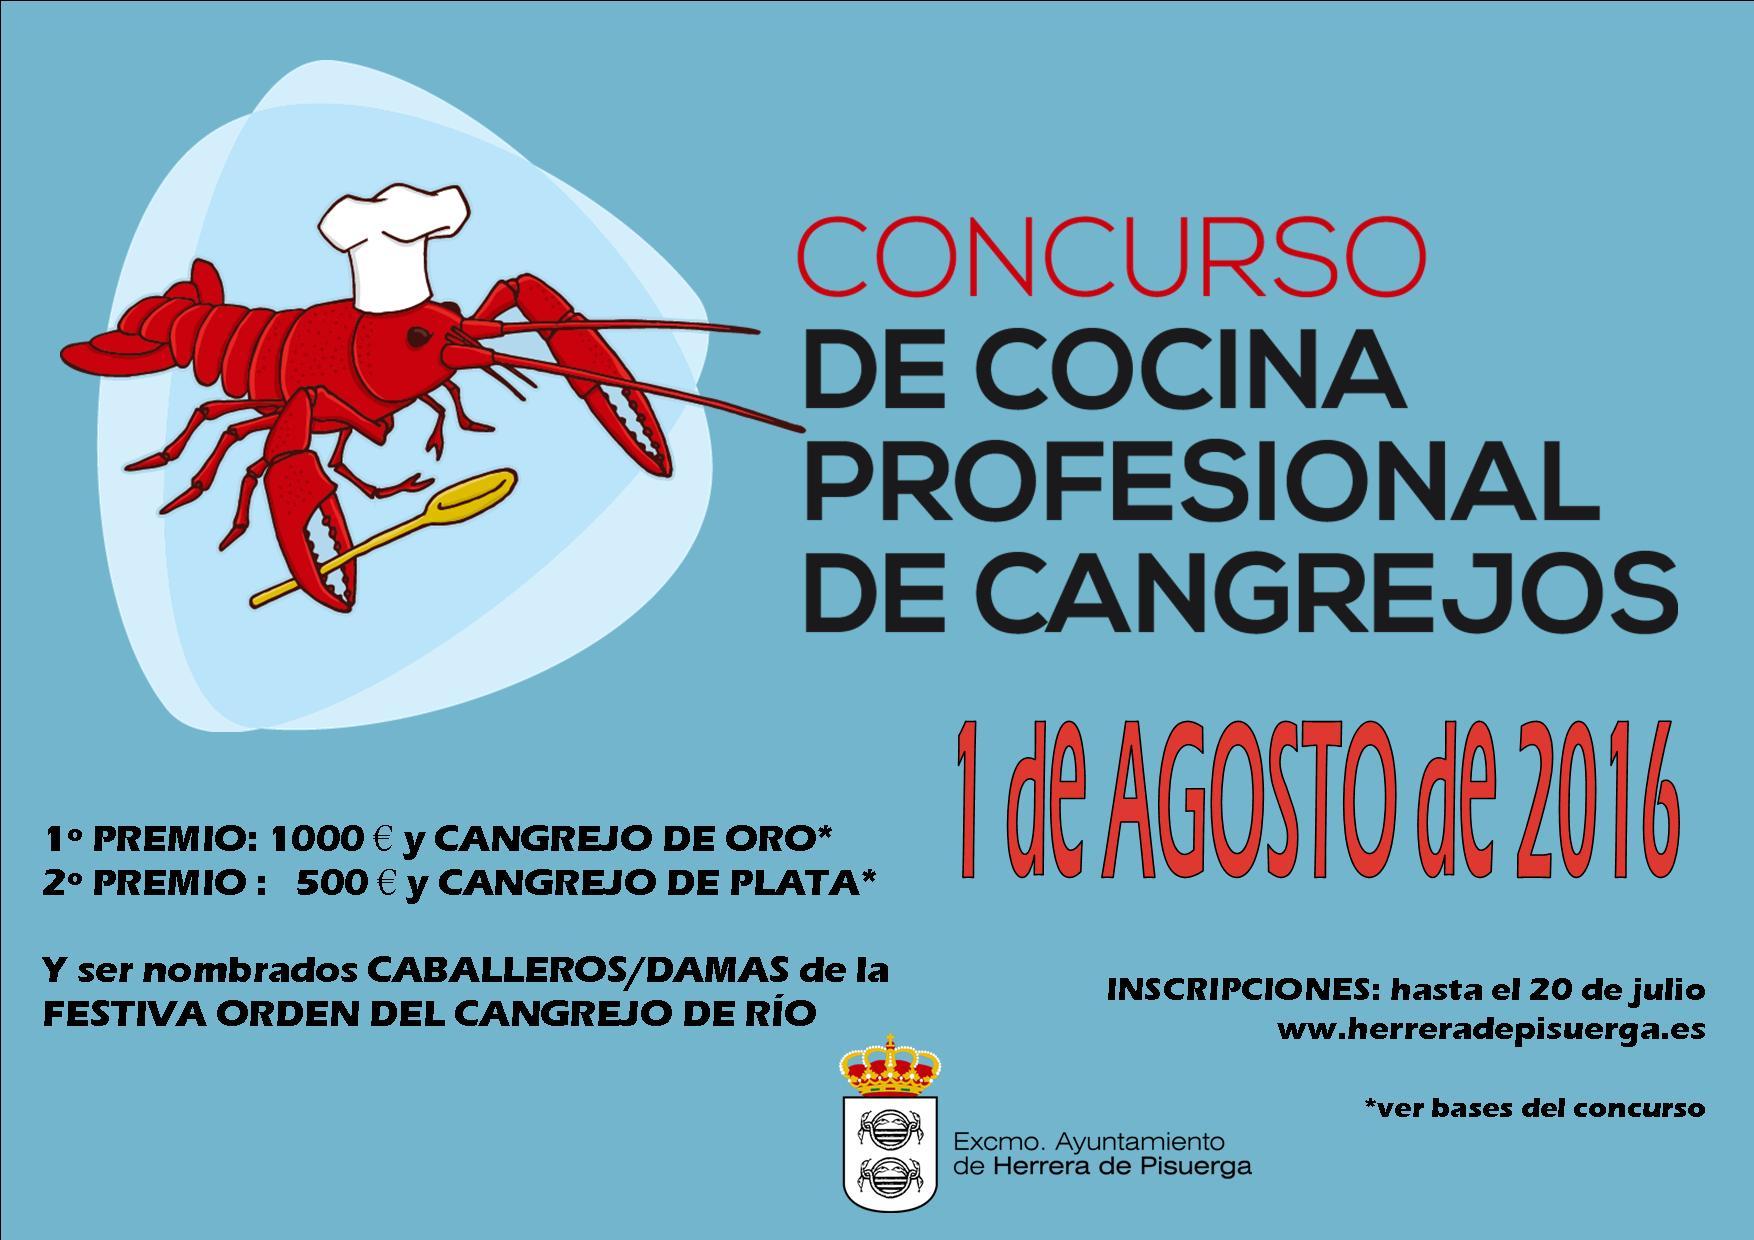 Concursos Cocina | Herrera De Pisuerga Concurso De Cocina Profesional De Cangrejos